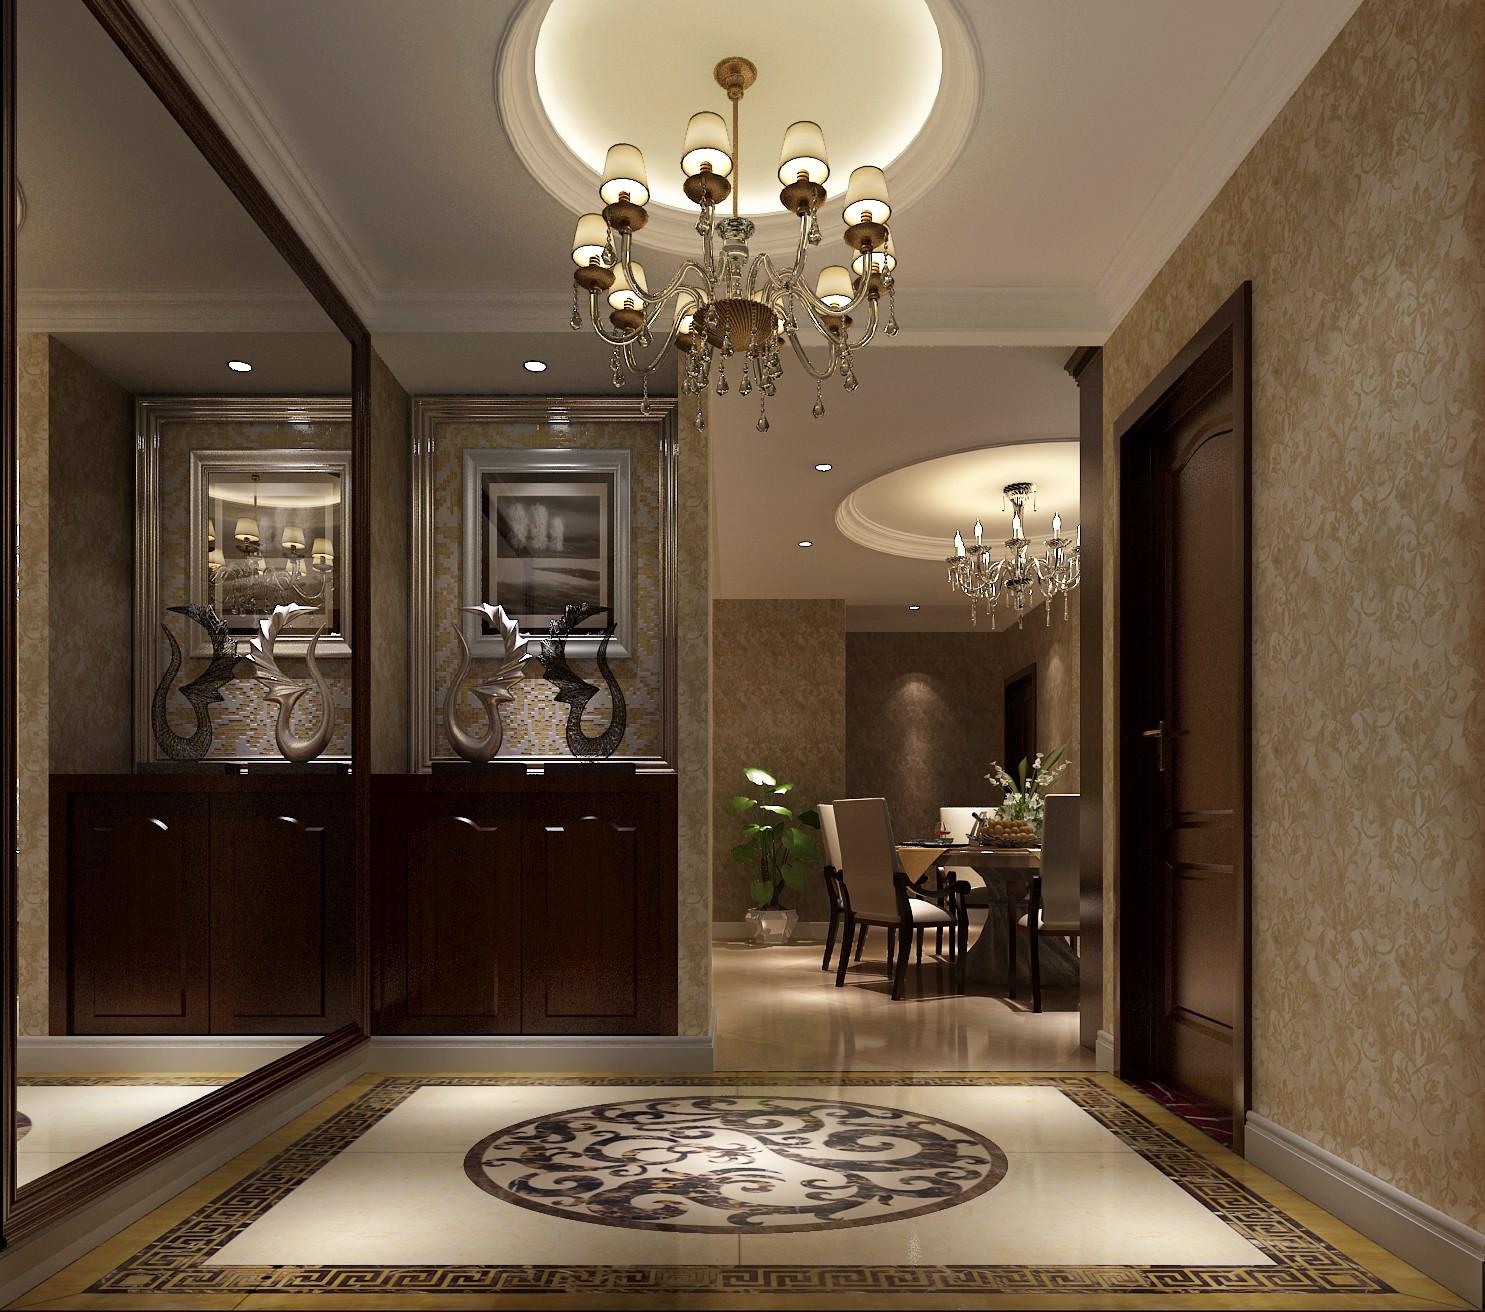 简约 美式 休闲 舒适 三居 80后 小资 玄关图片来自高度国际装饰刘玉在世华泊郡----休闲的分享